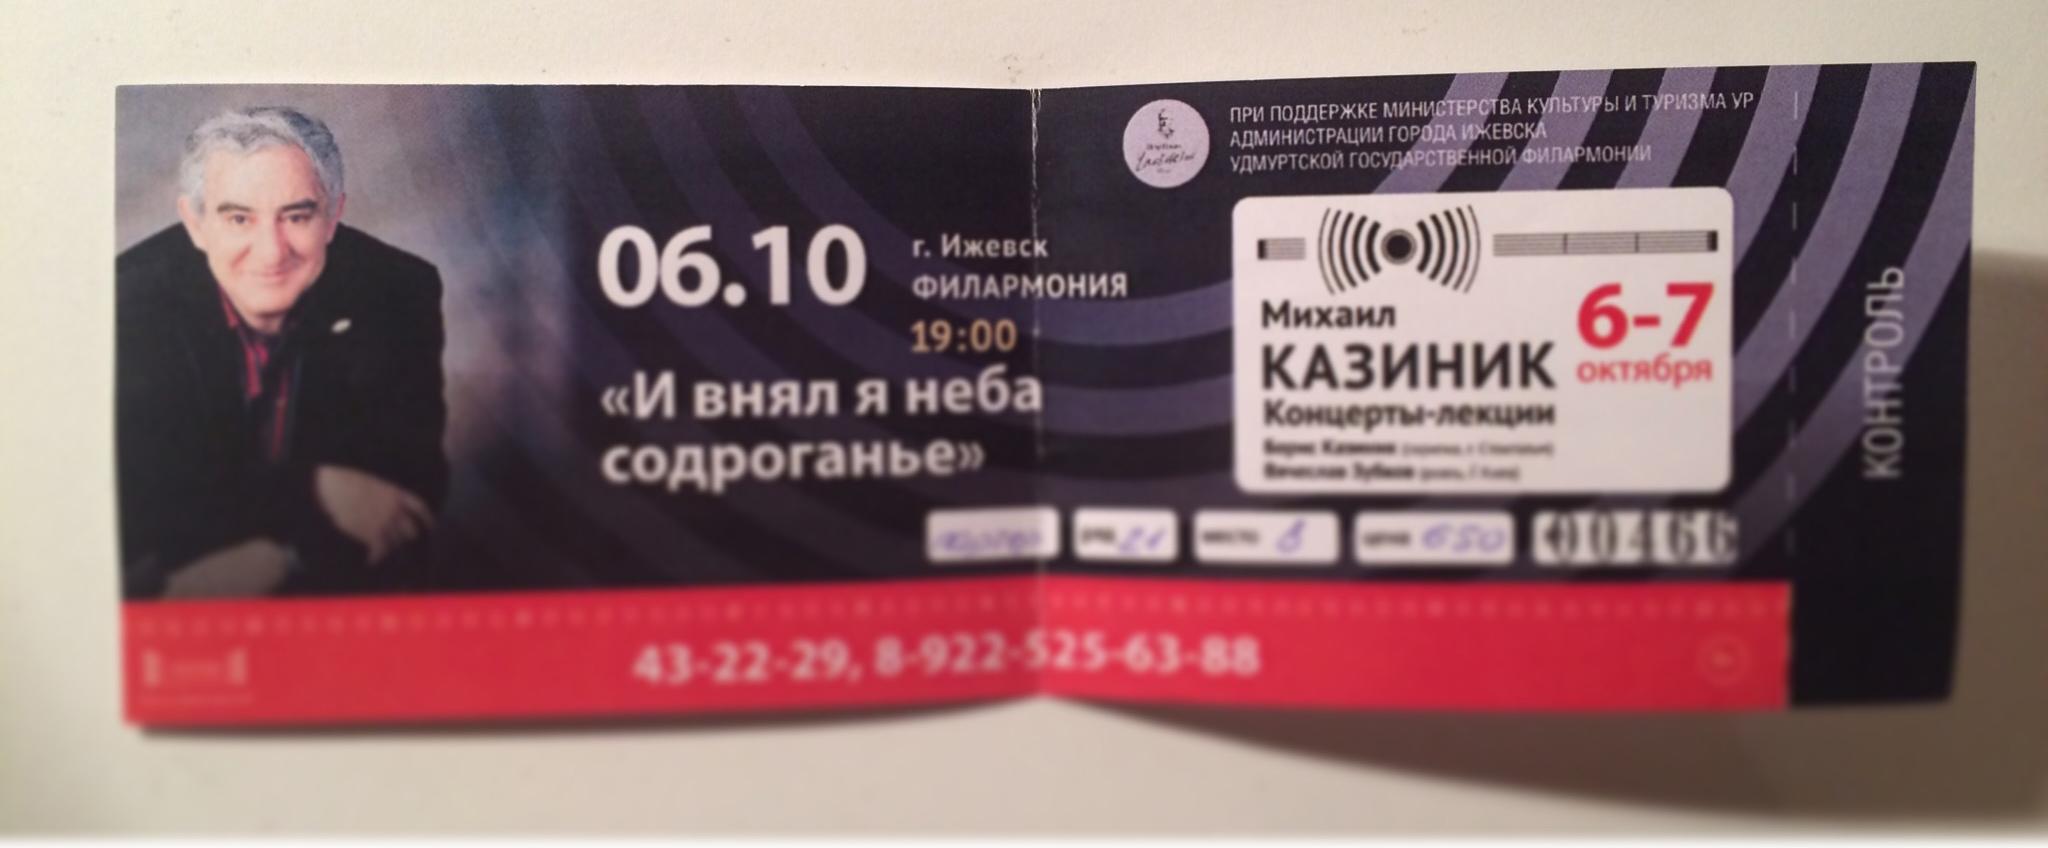 Фото: билет на концерт М.Казиник